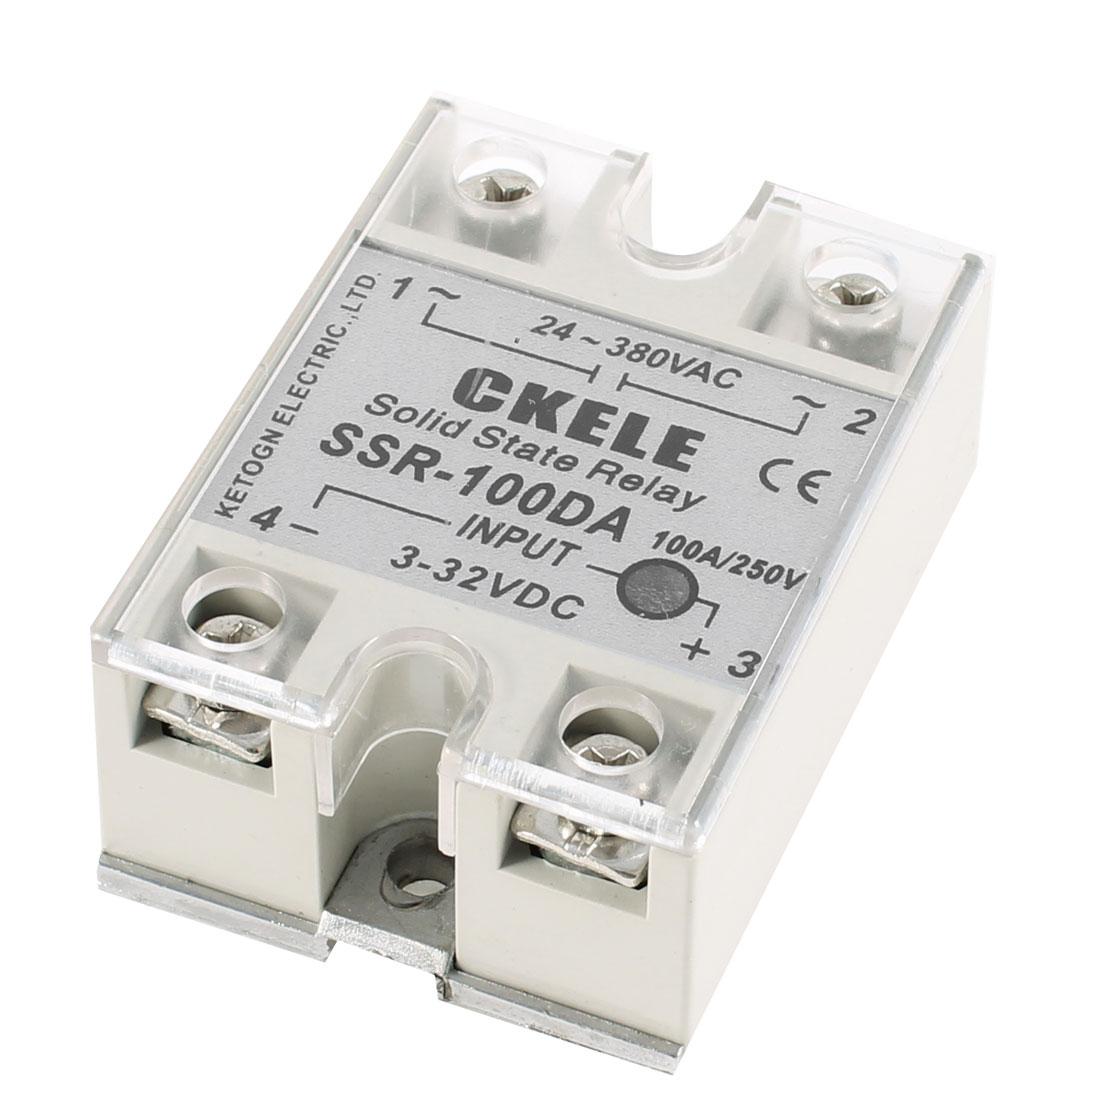 SSR-100DA 3-32V DC Input 24-380V AC Output 100A Solid State Relay